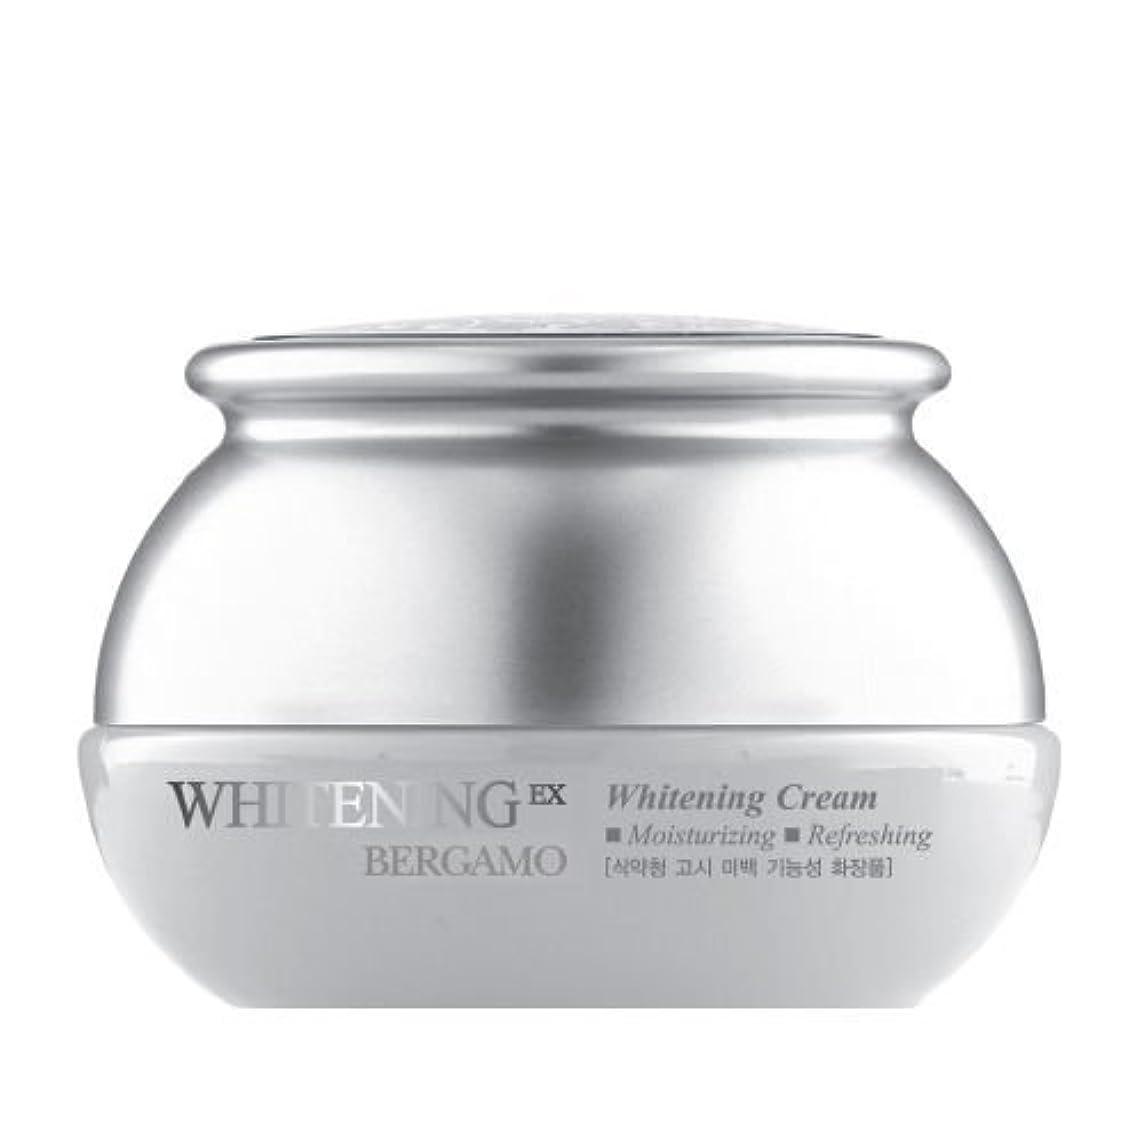 建設変える精度ベルガモ[韓国コスメBergamo]Whitening EX Wrinkle Care Cream ホワイトニングEXリンクルケアクリーム50ml しわ管理 [並行輸入品]